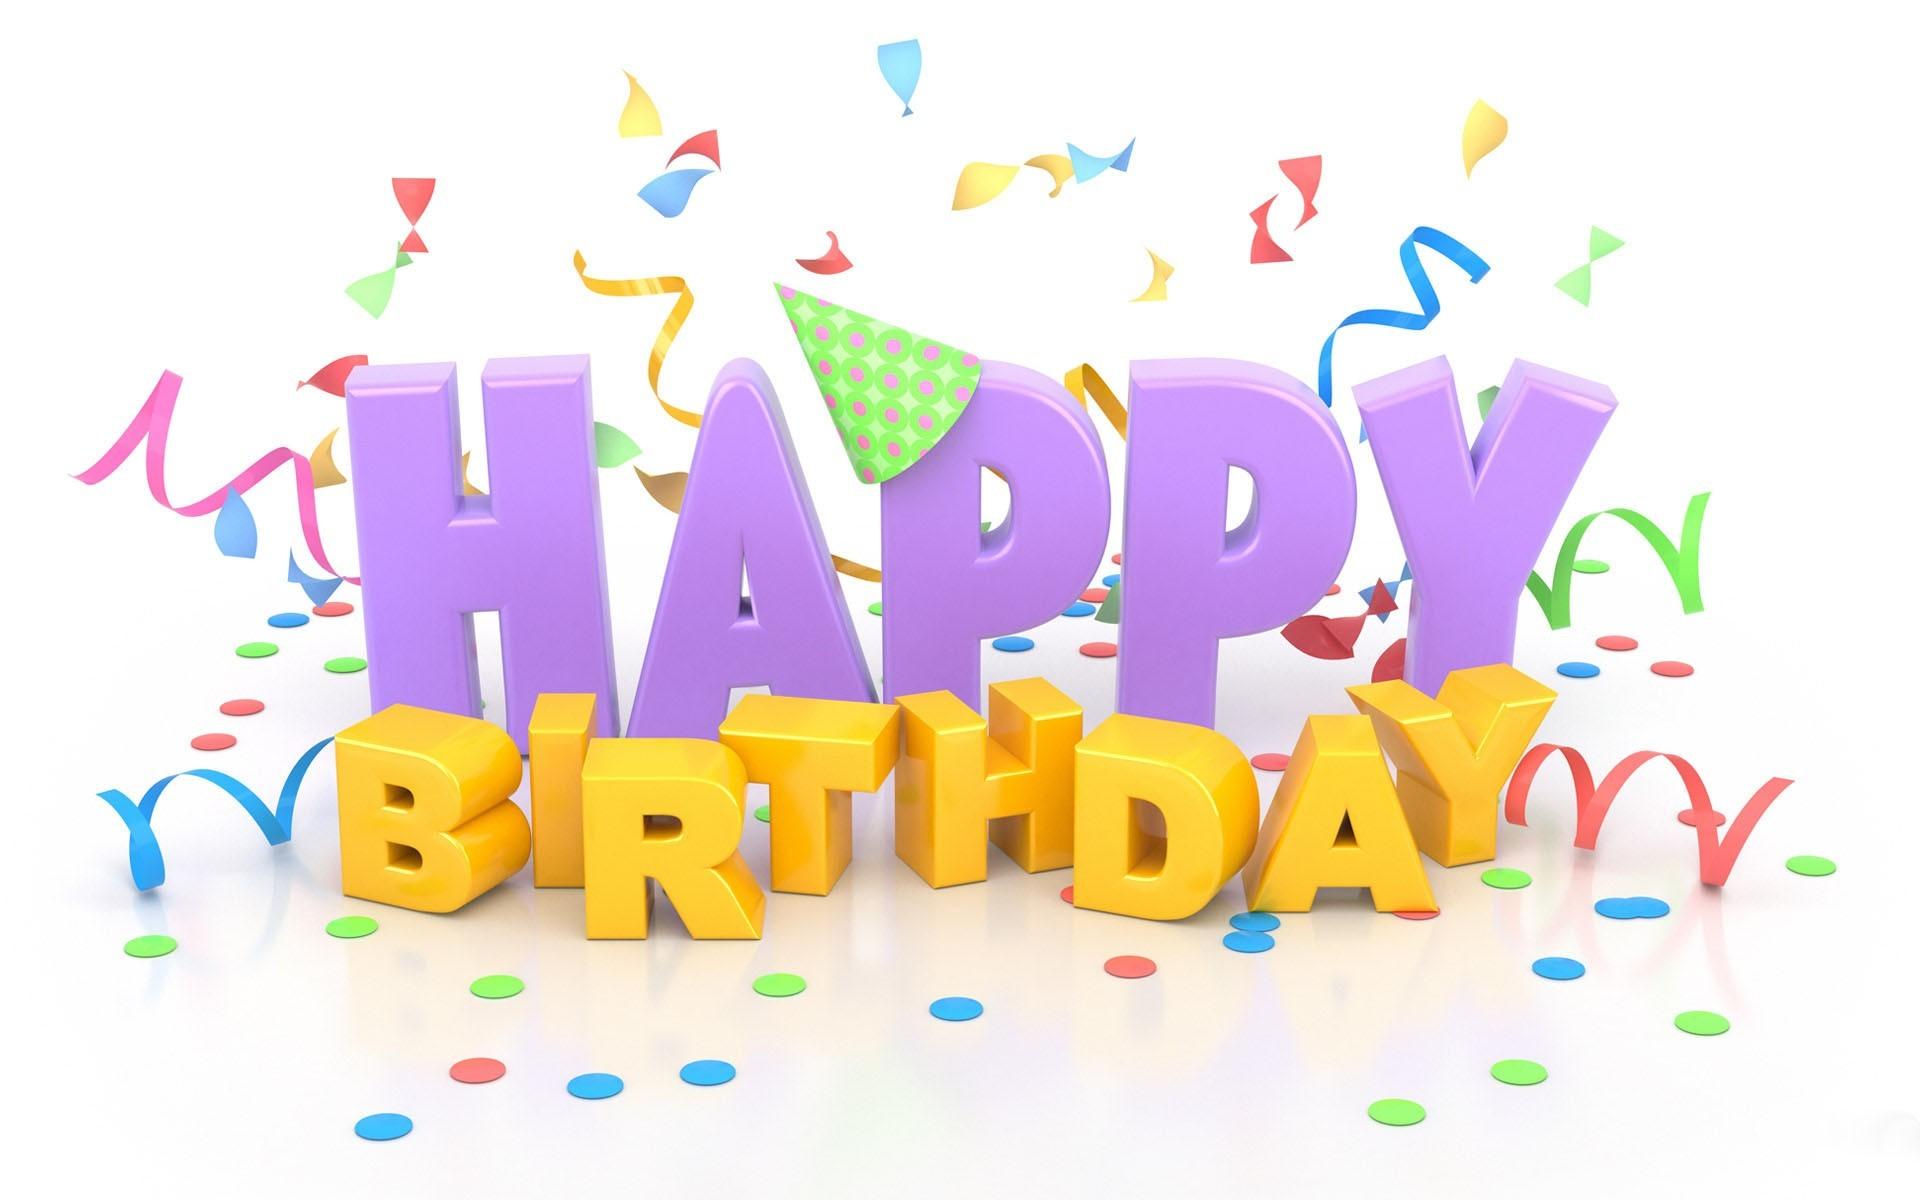 Поздравления с днем рождения другу на английском языке в